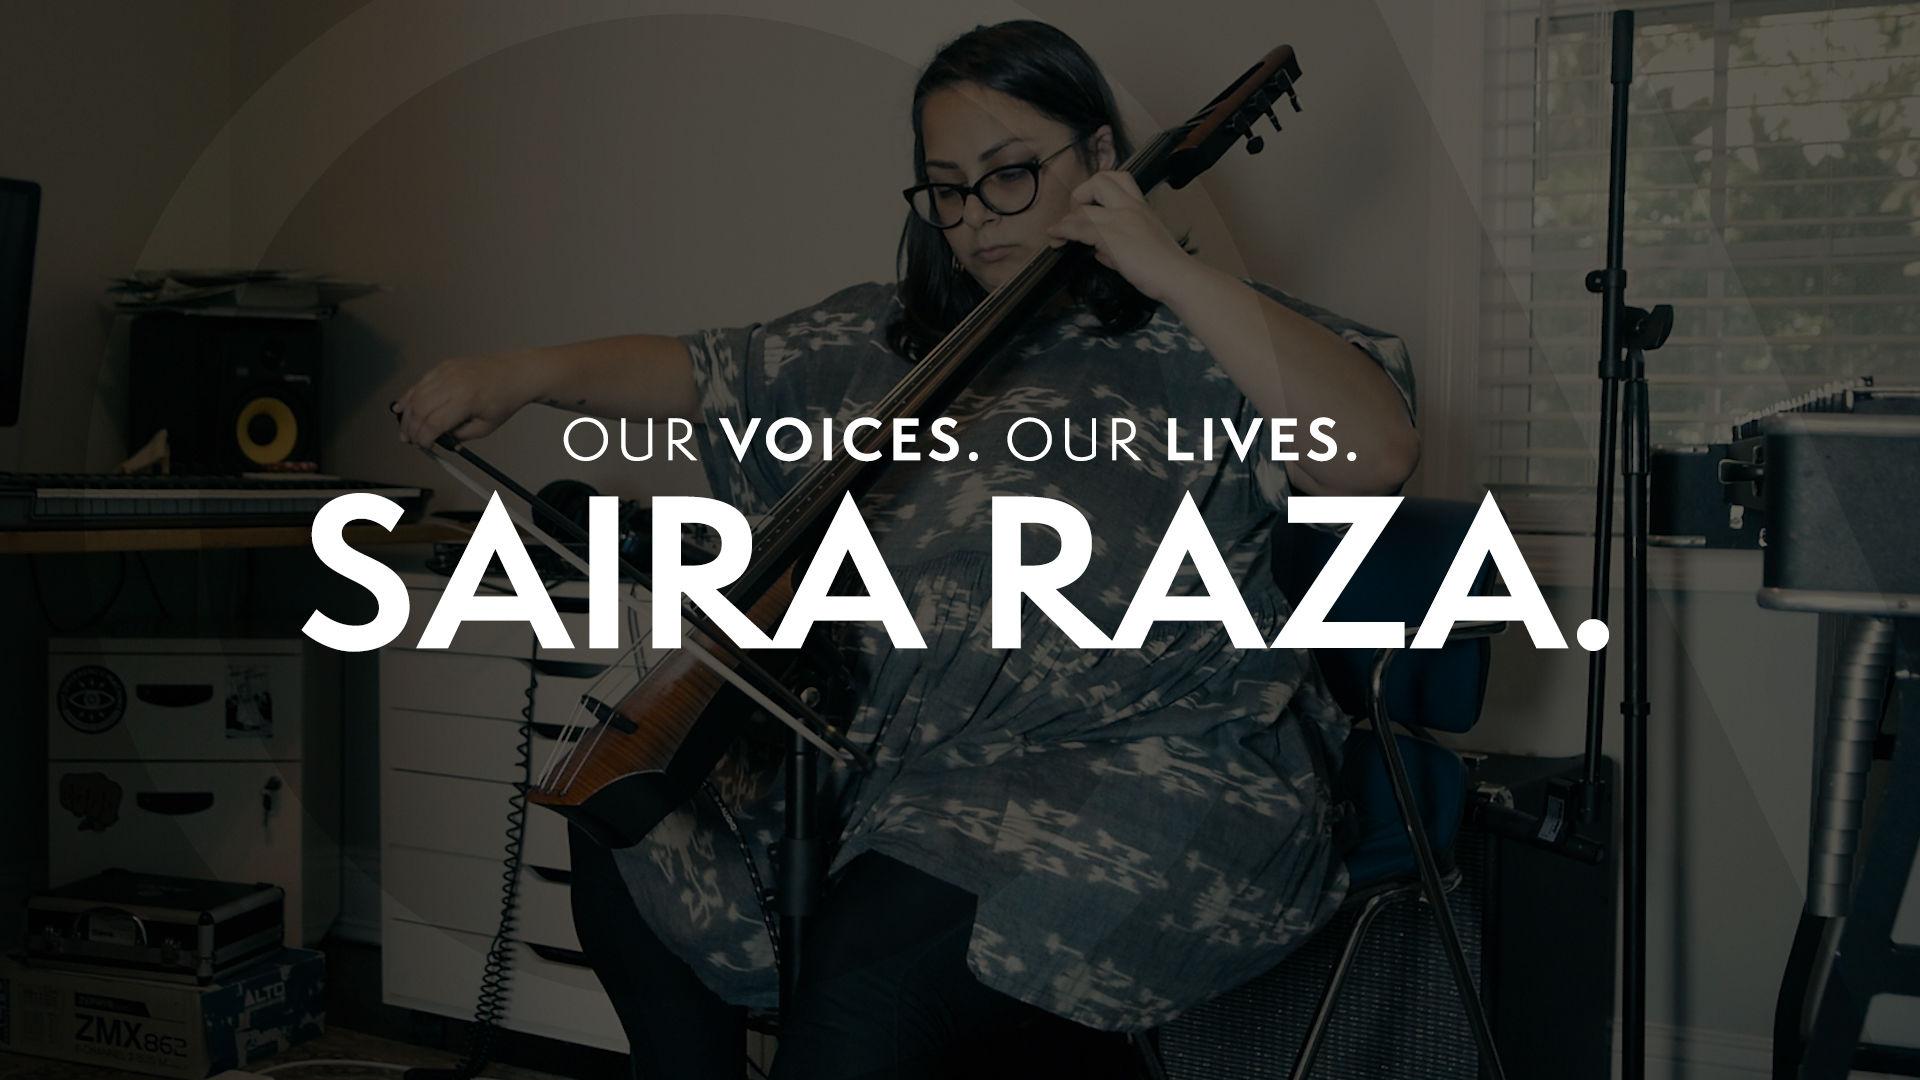 Our Voices. Our Lives. presents SAIRA RAZA.